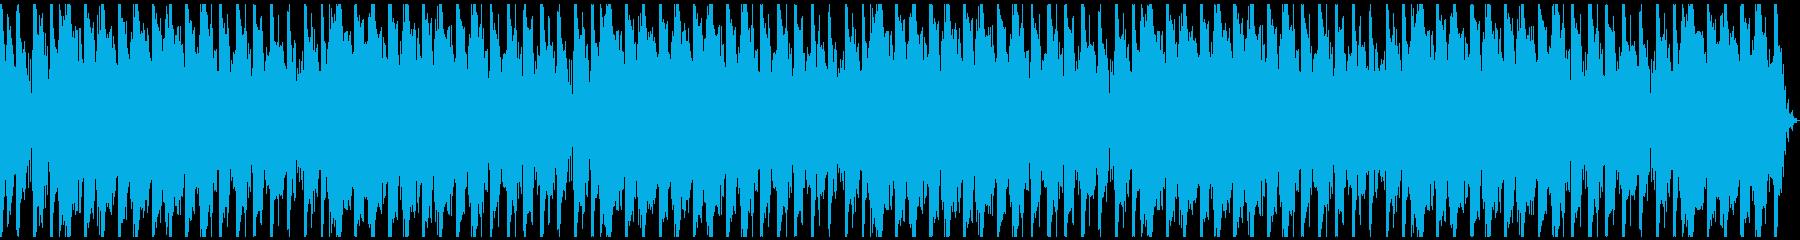 歪んだ音、不穏、SF、事件、ホラーLの再生済みの波形